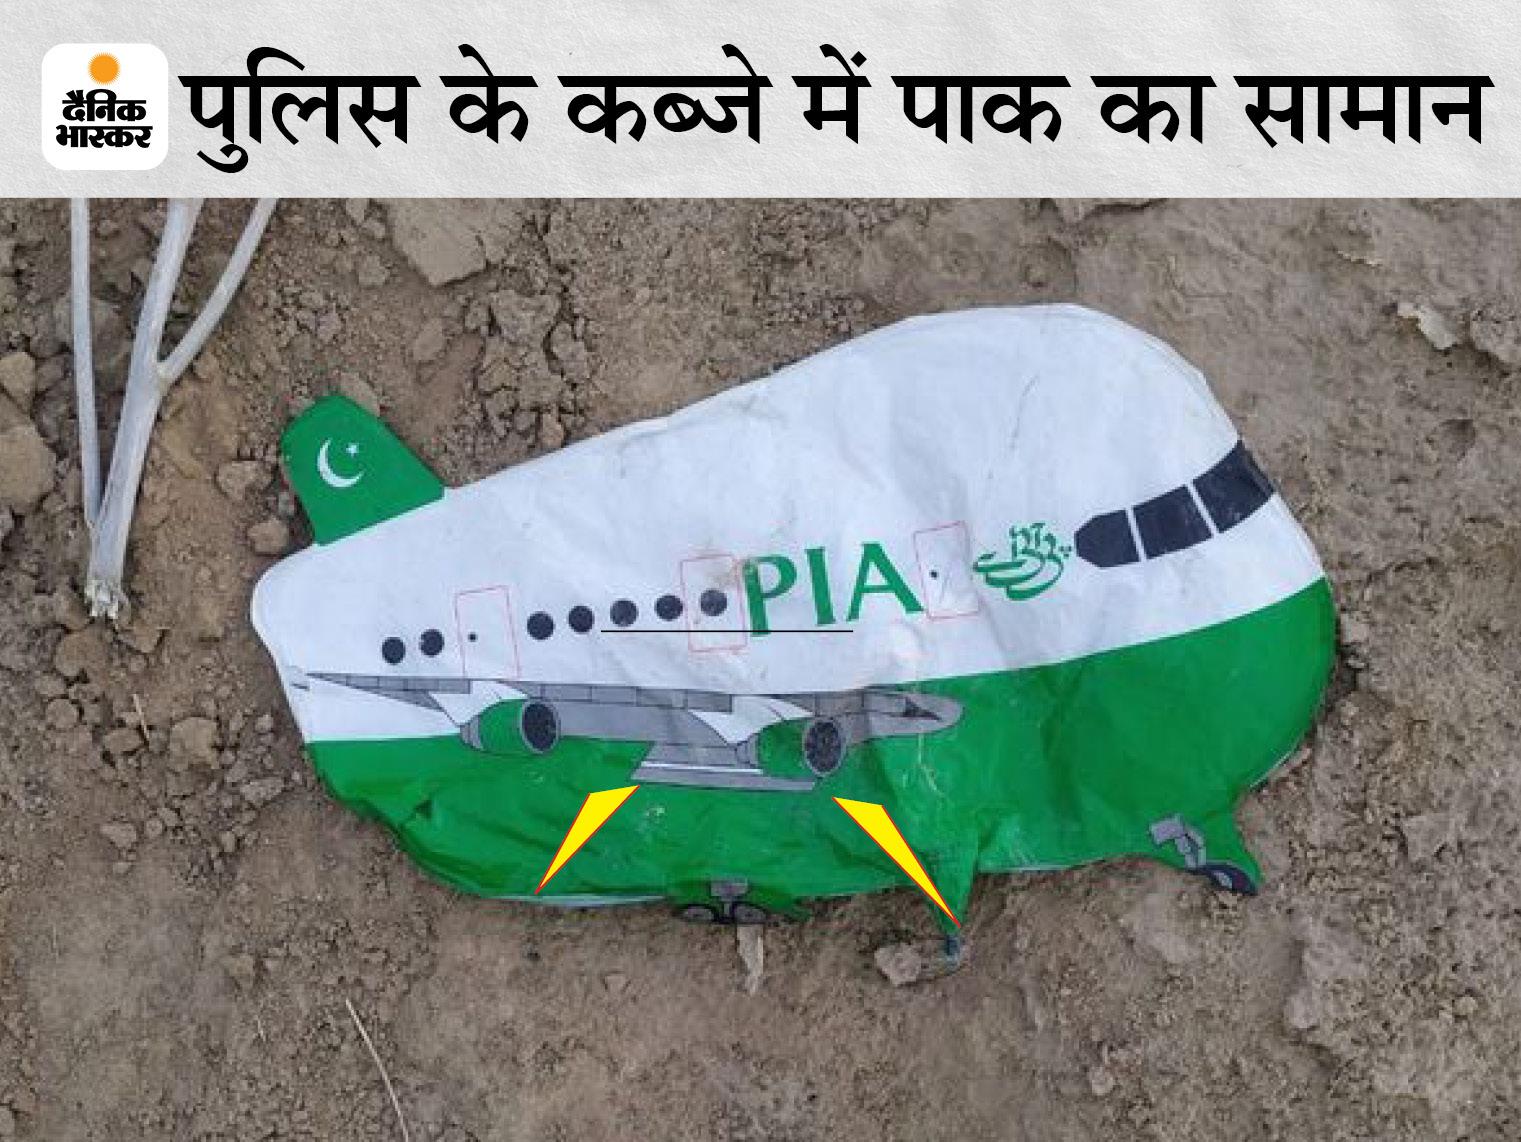 विमान के आकृति वाले बैलून पर लिखा है PIA, पुलिस ने कहा- पाक इस तरह के करतूत करता रहता है|श्रीगंंगानगर,Sriganganagar - Dainik Bhaskar